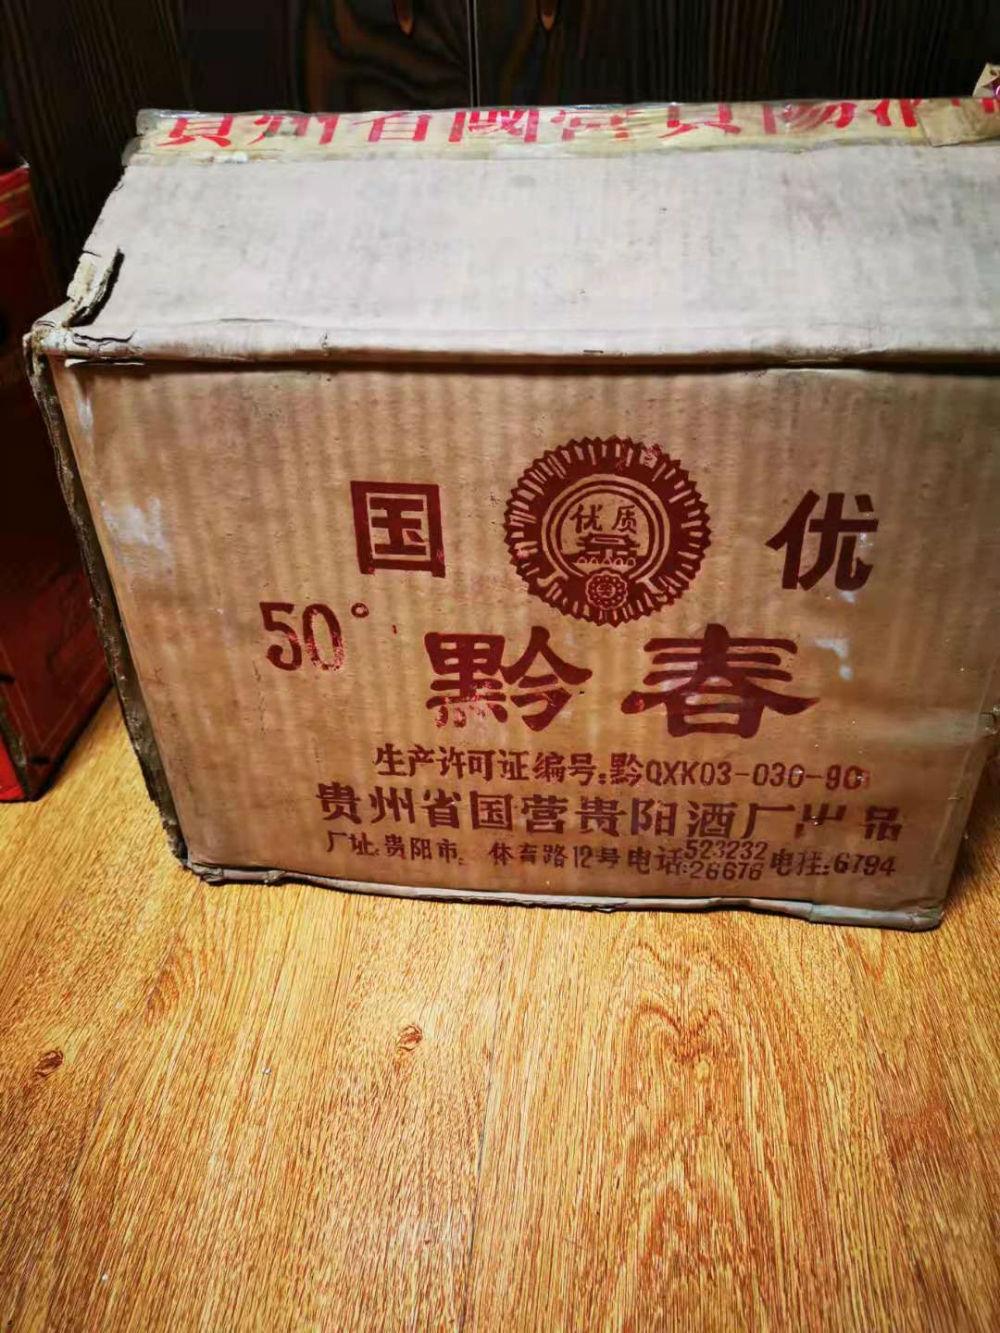 原箱收藏品92年瓷瓶黔春酒